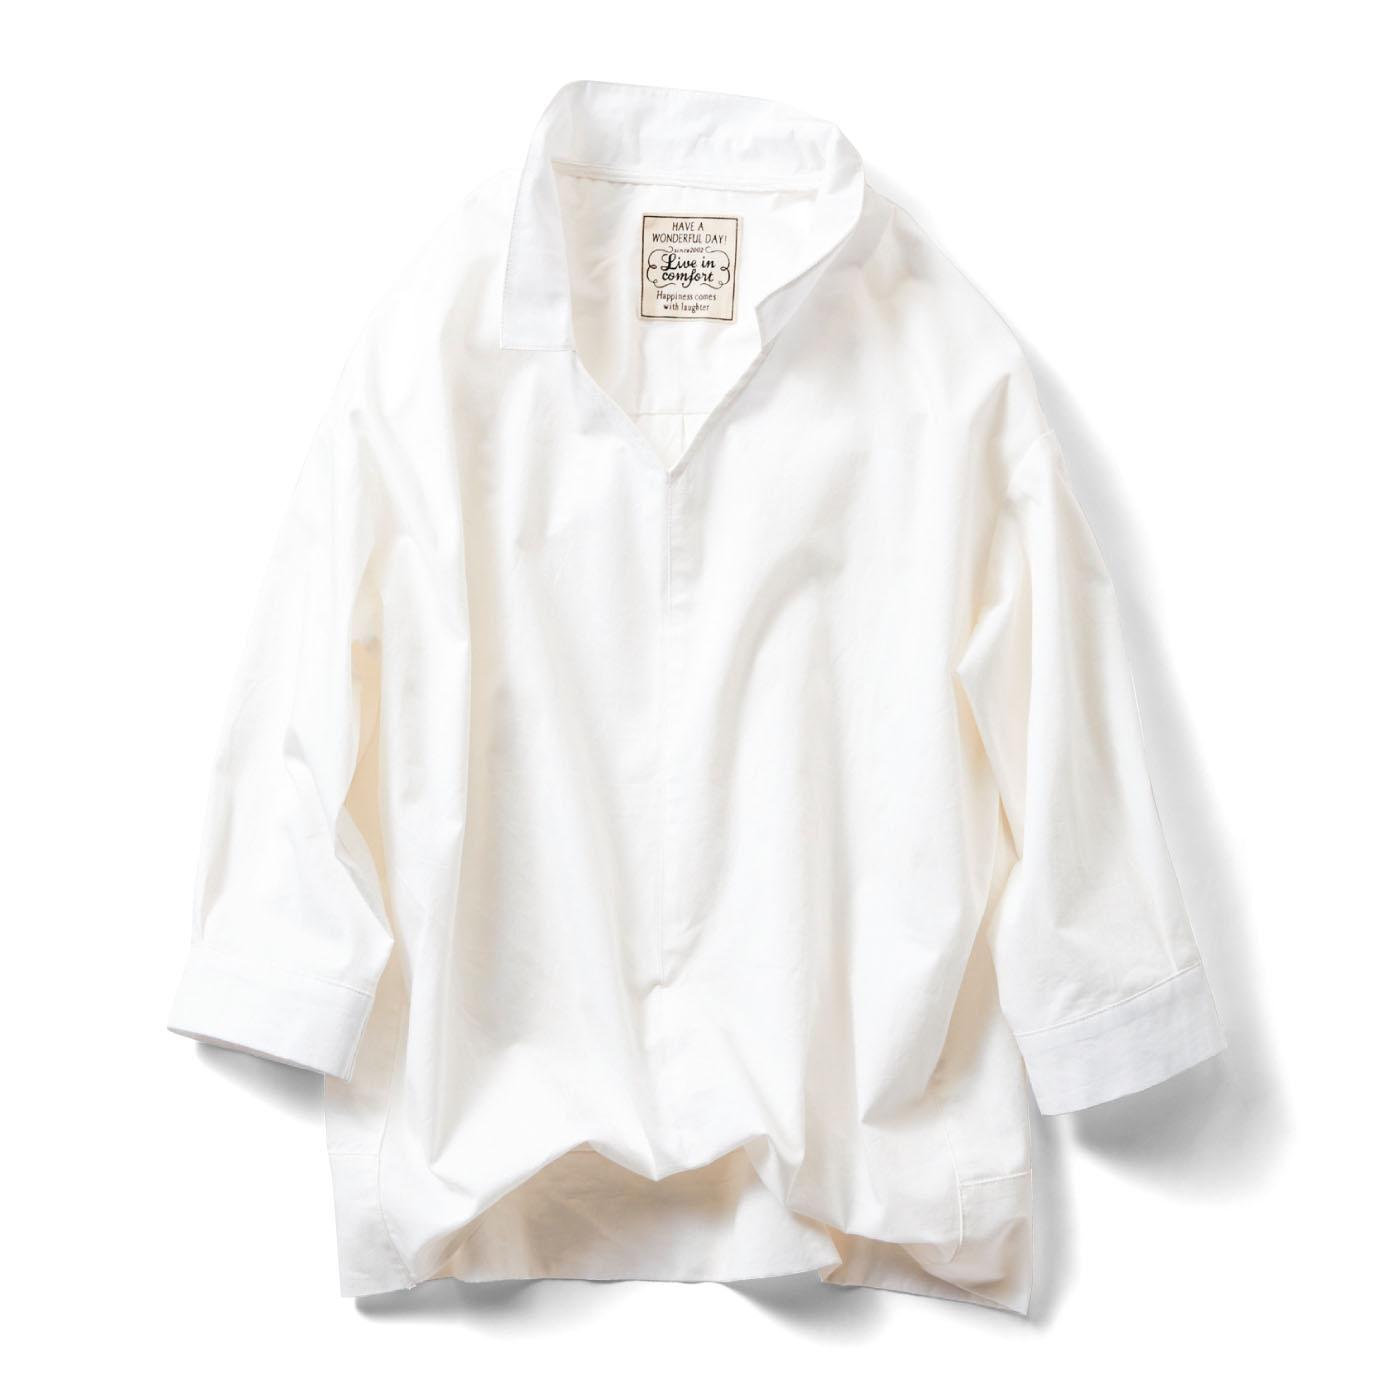 フェリシモ リブ イン コンフォート ゆるシルエットできゃしゃ見せ フロントインしているみたいなこなれスキッパー風プルオーバーシャツ〈ホワイト〉